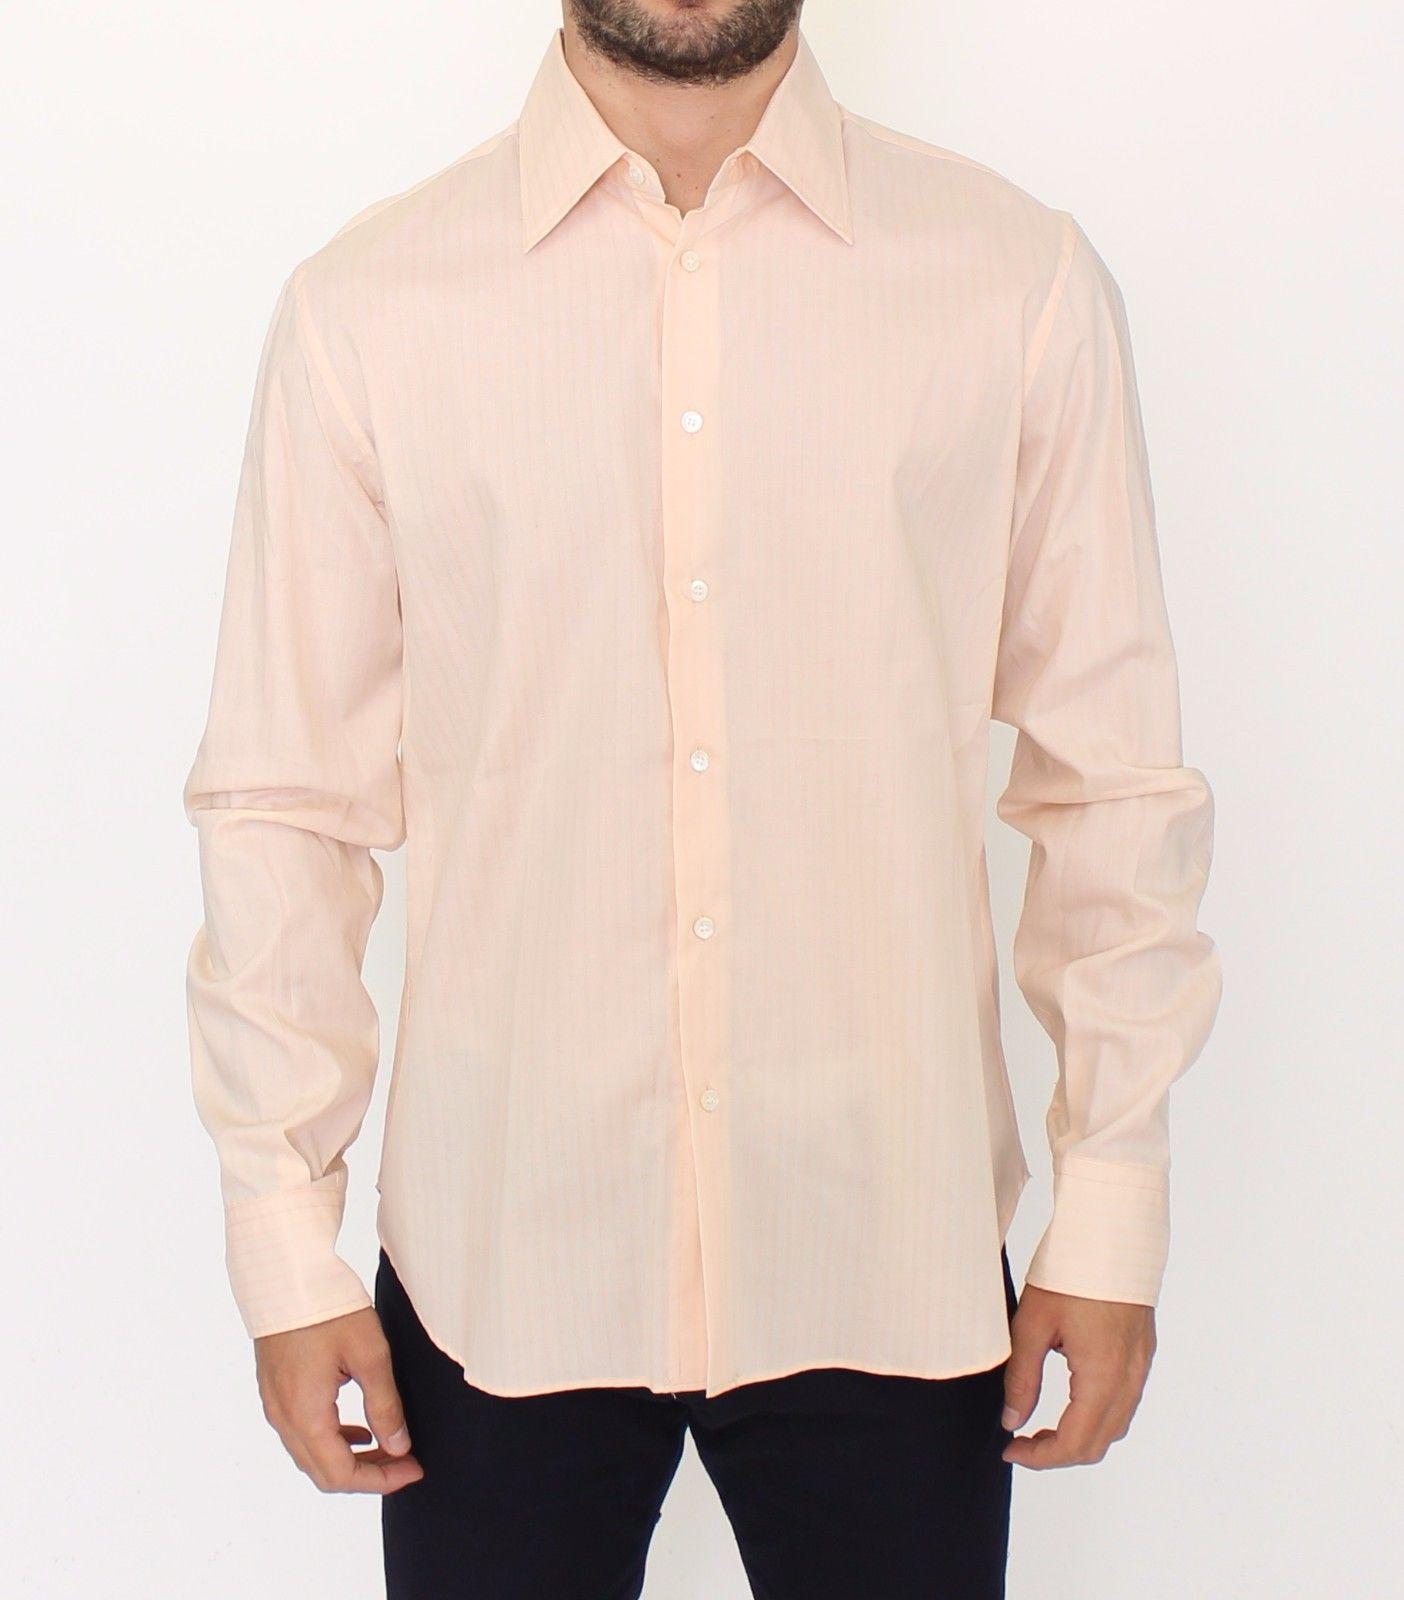 Ermanno Scervino Men's Shirt Orange SIG10145 - IT50 | L